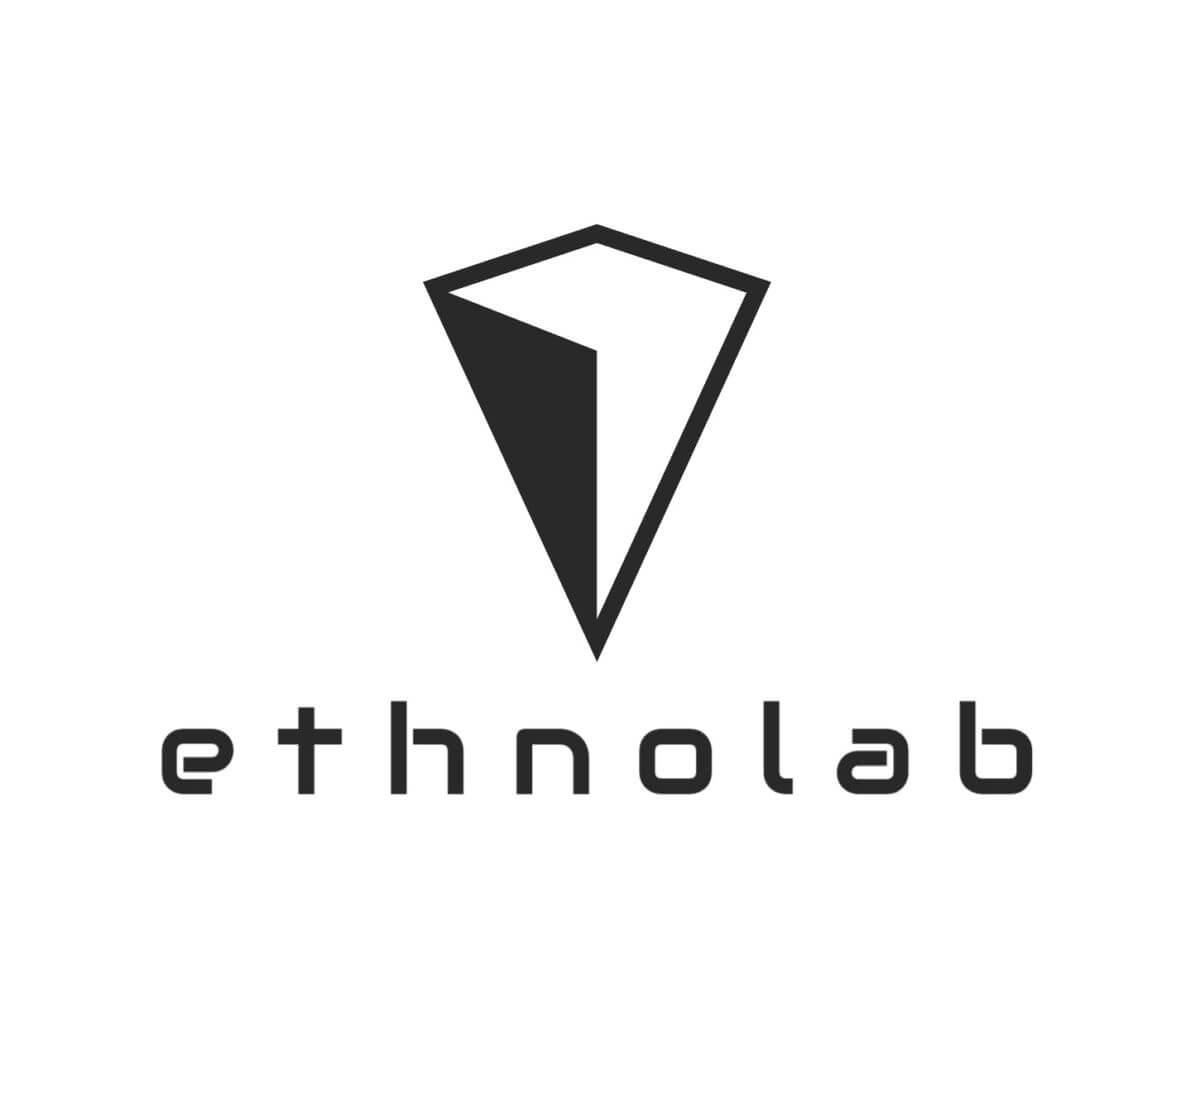 エスノラボ-logo